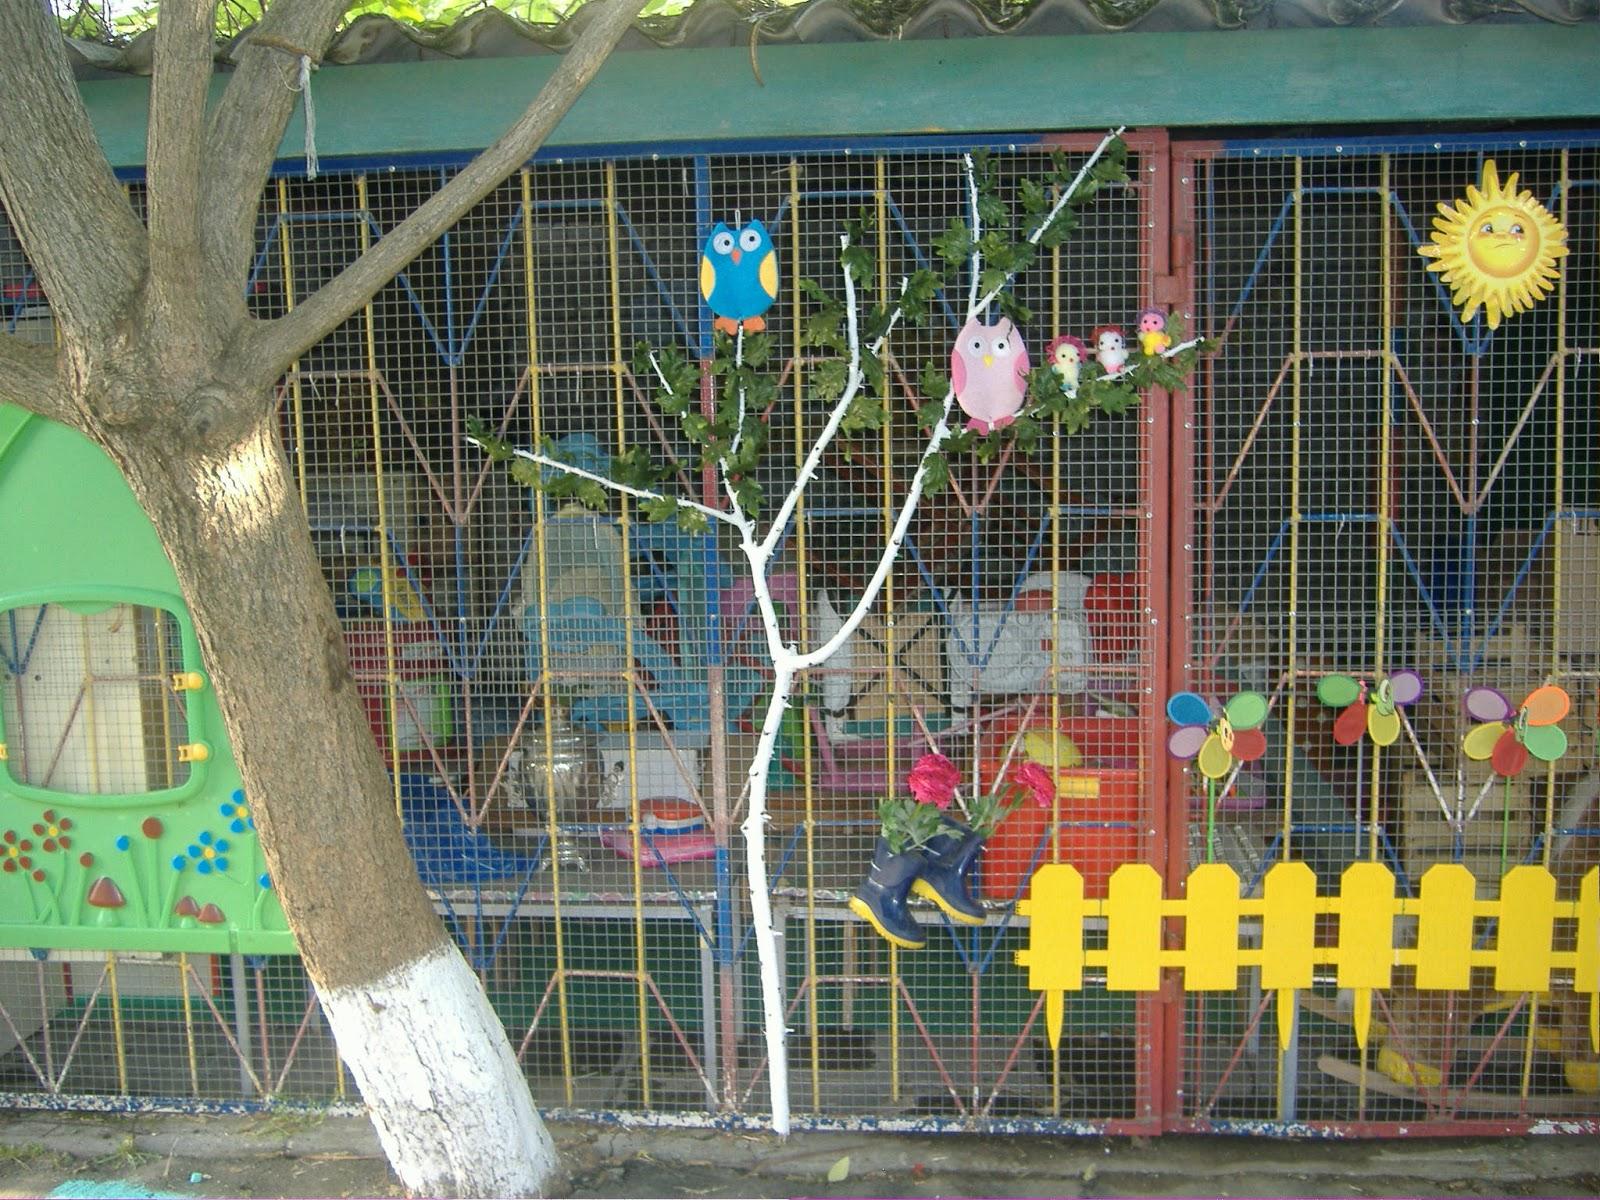 Как украсить детский сад своими руками: фото и идеи оформления 2